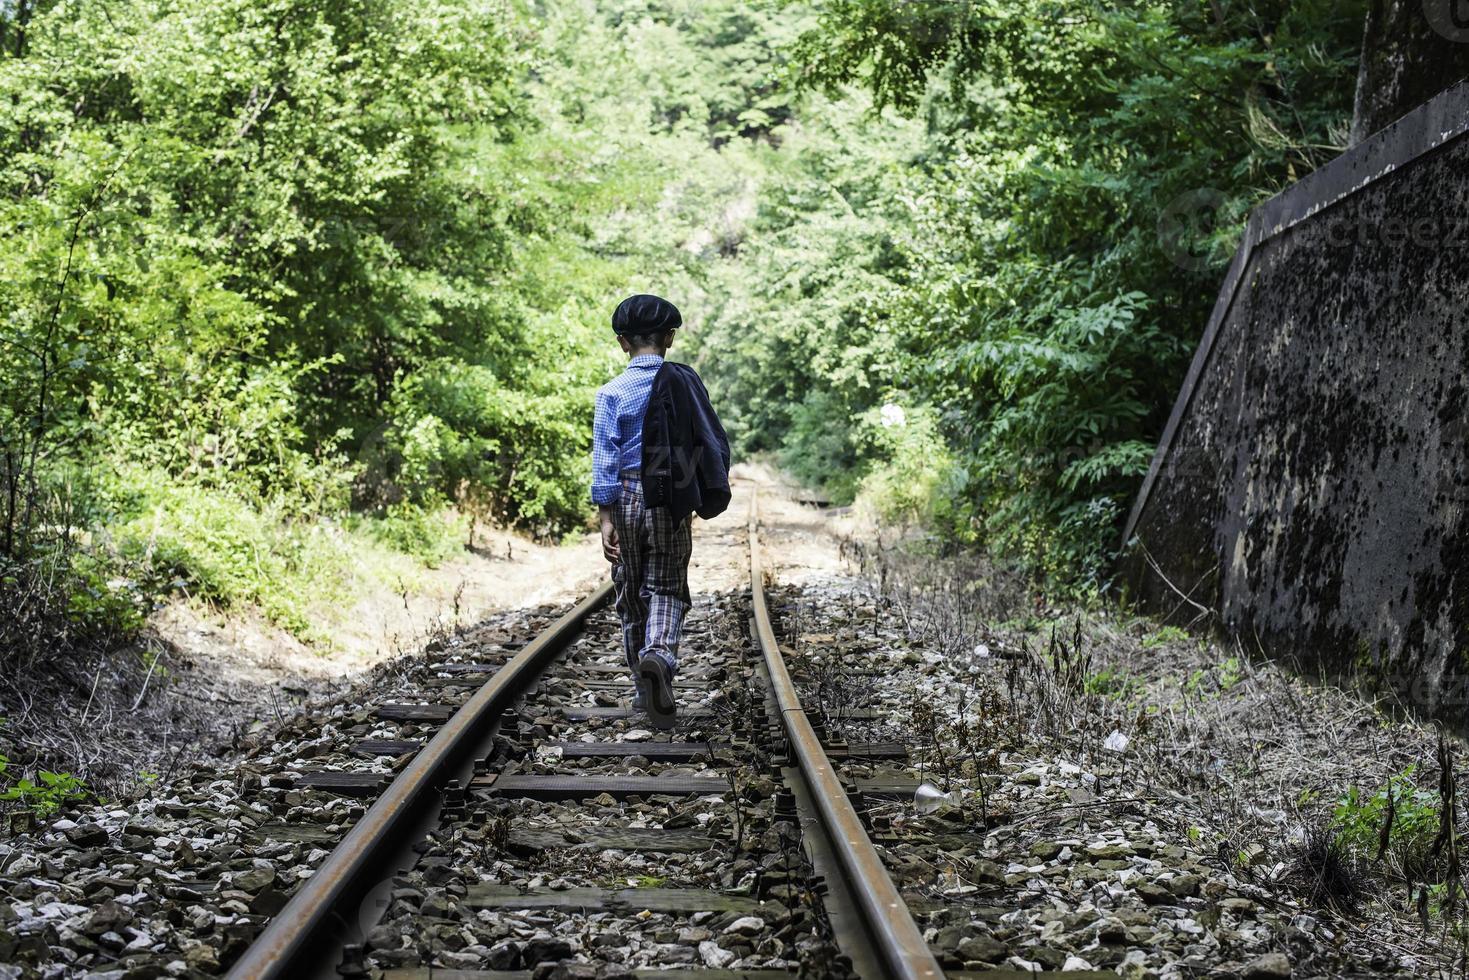 bambino che cammina sulla ferrovia foto